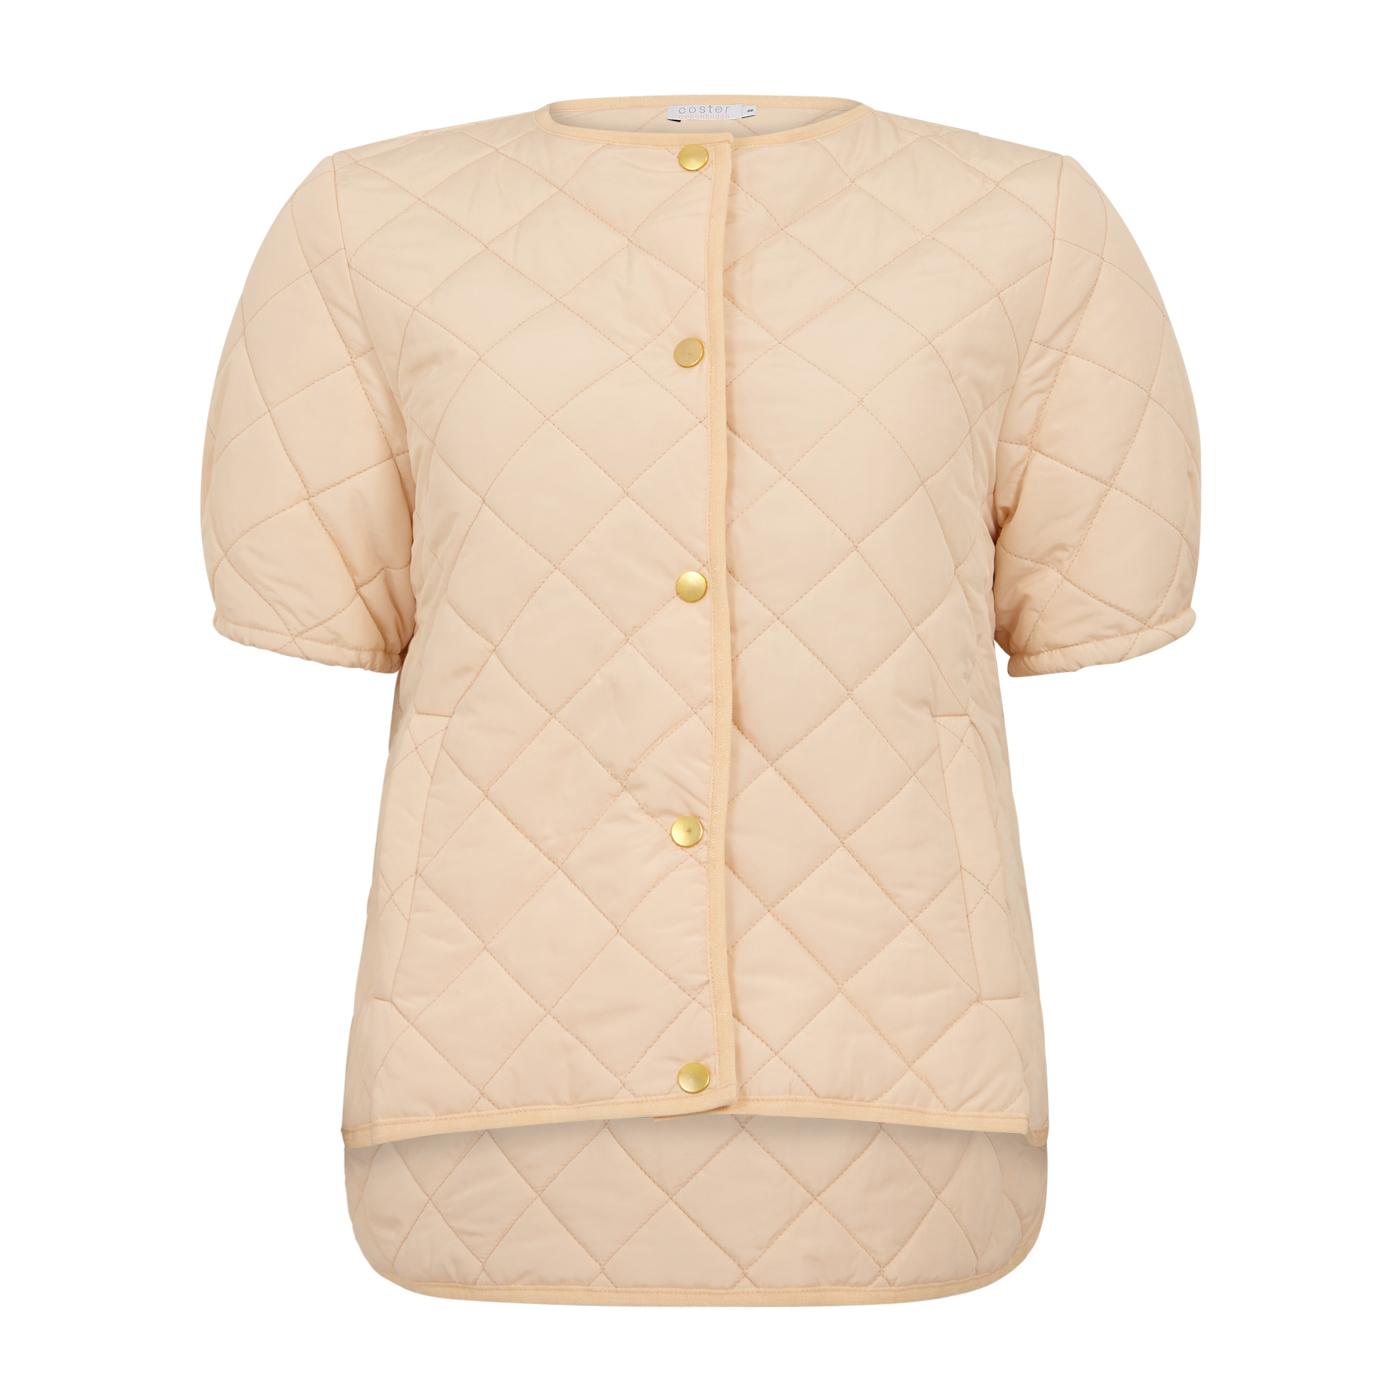 Coster Copenhagen Quiltet vest, cream, 36